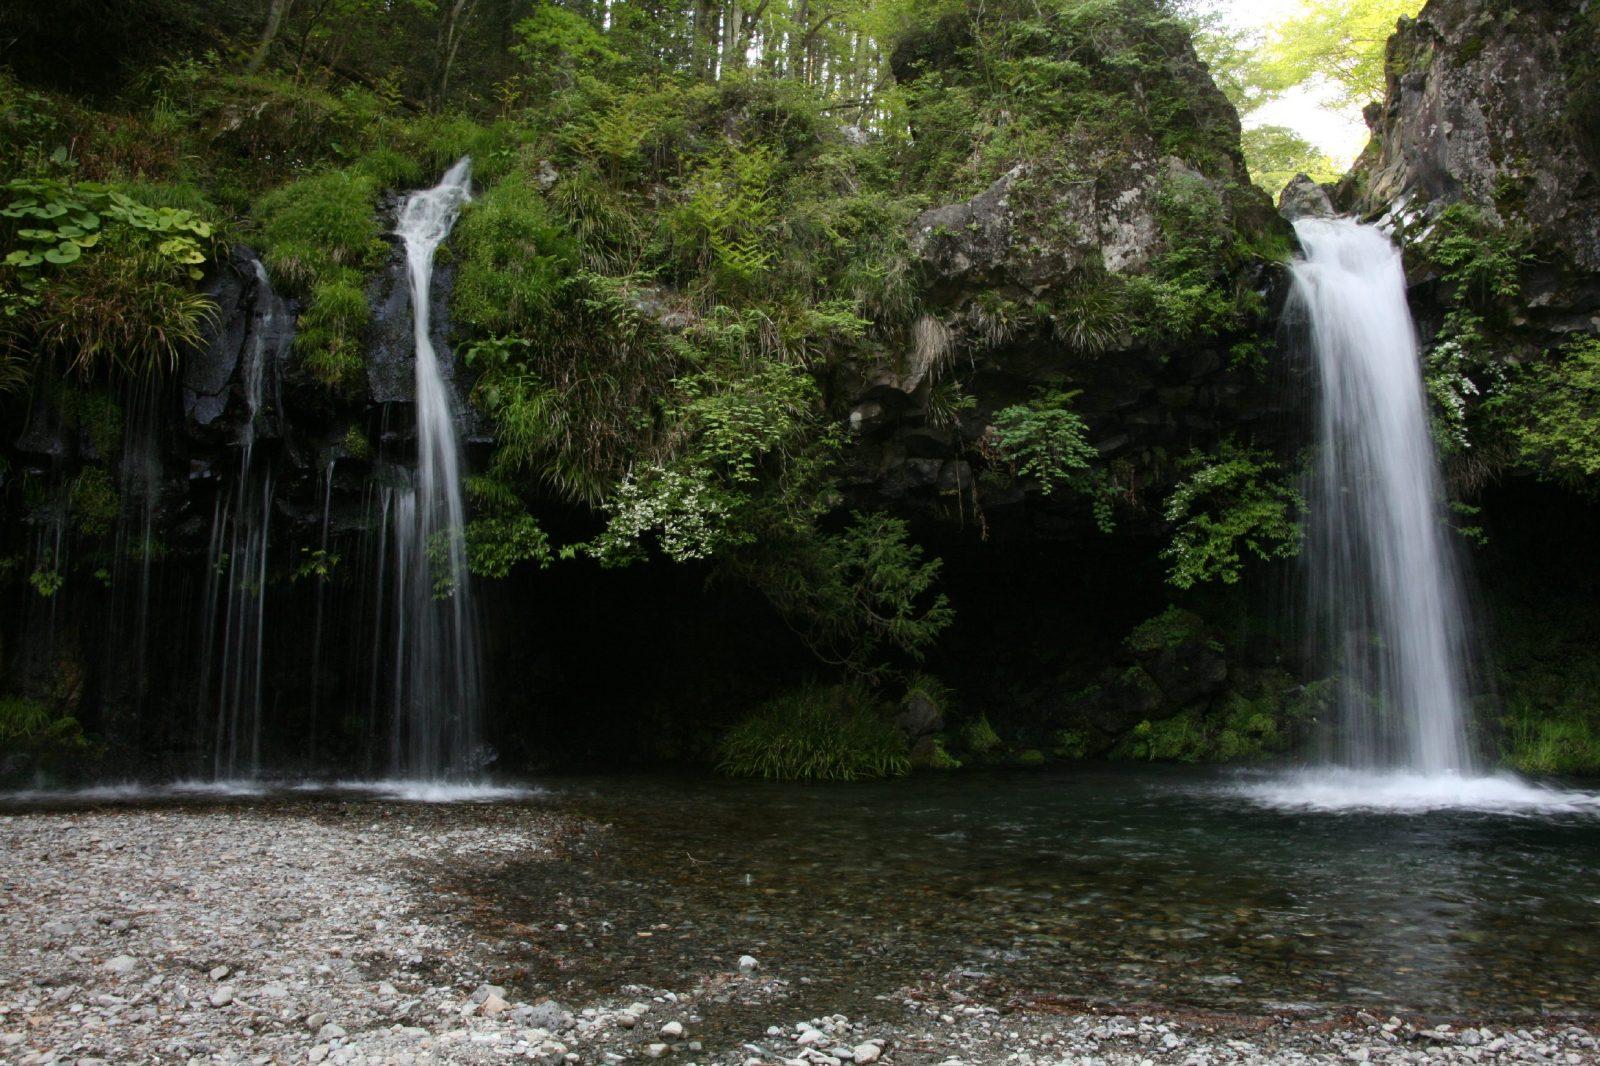 Jinba falls